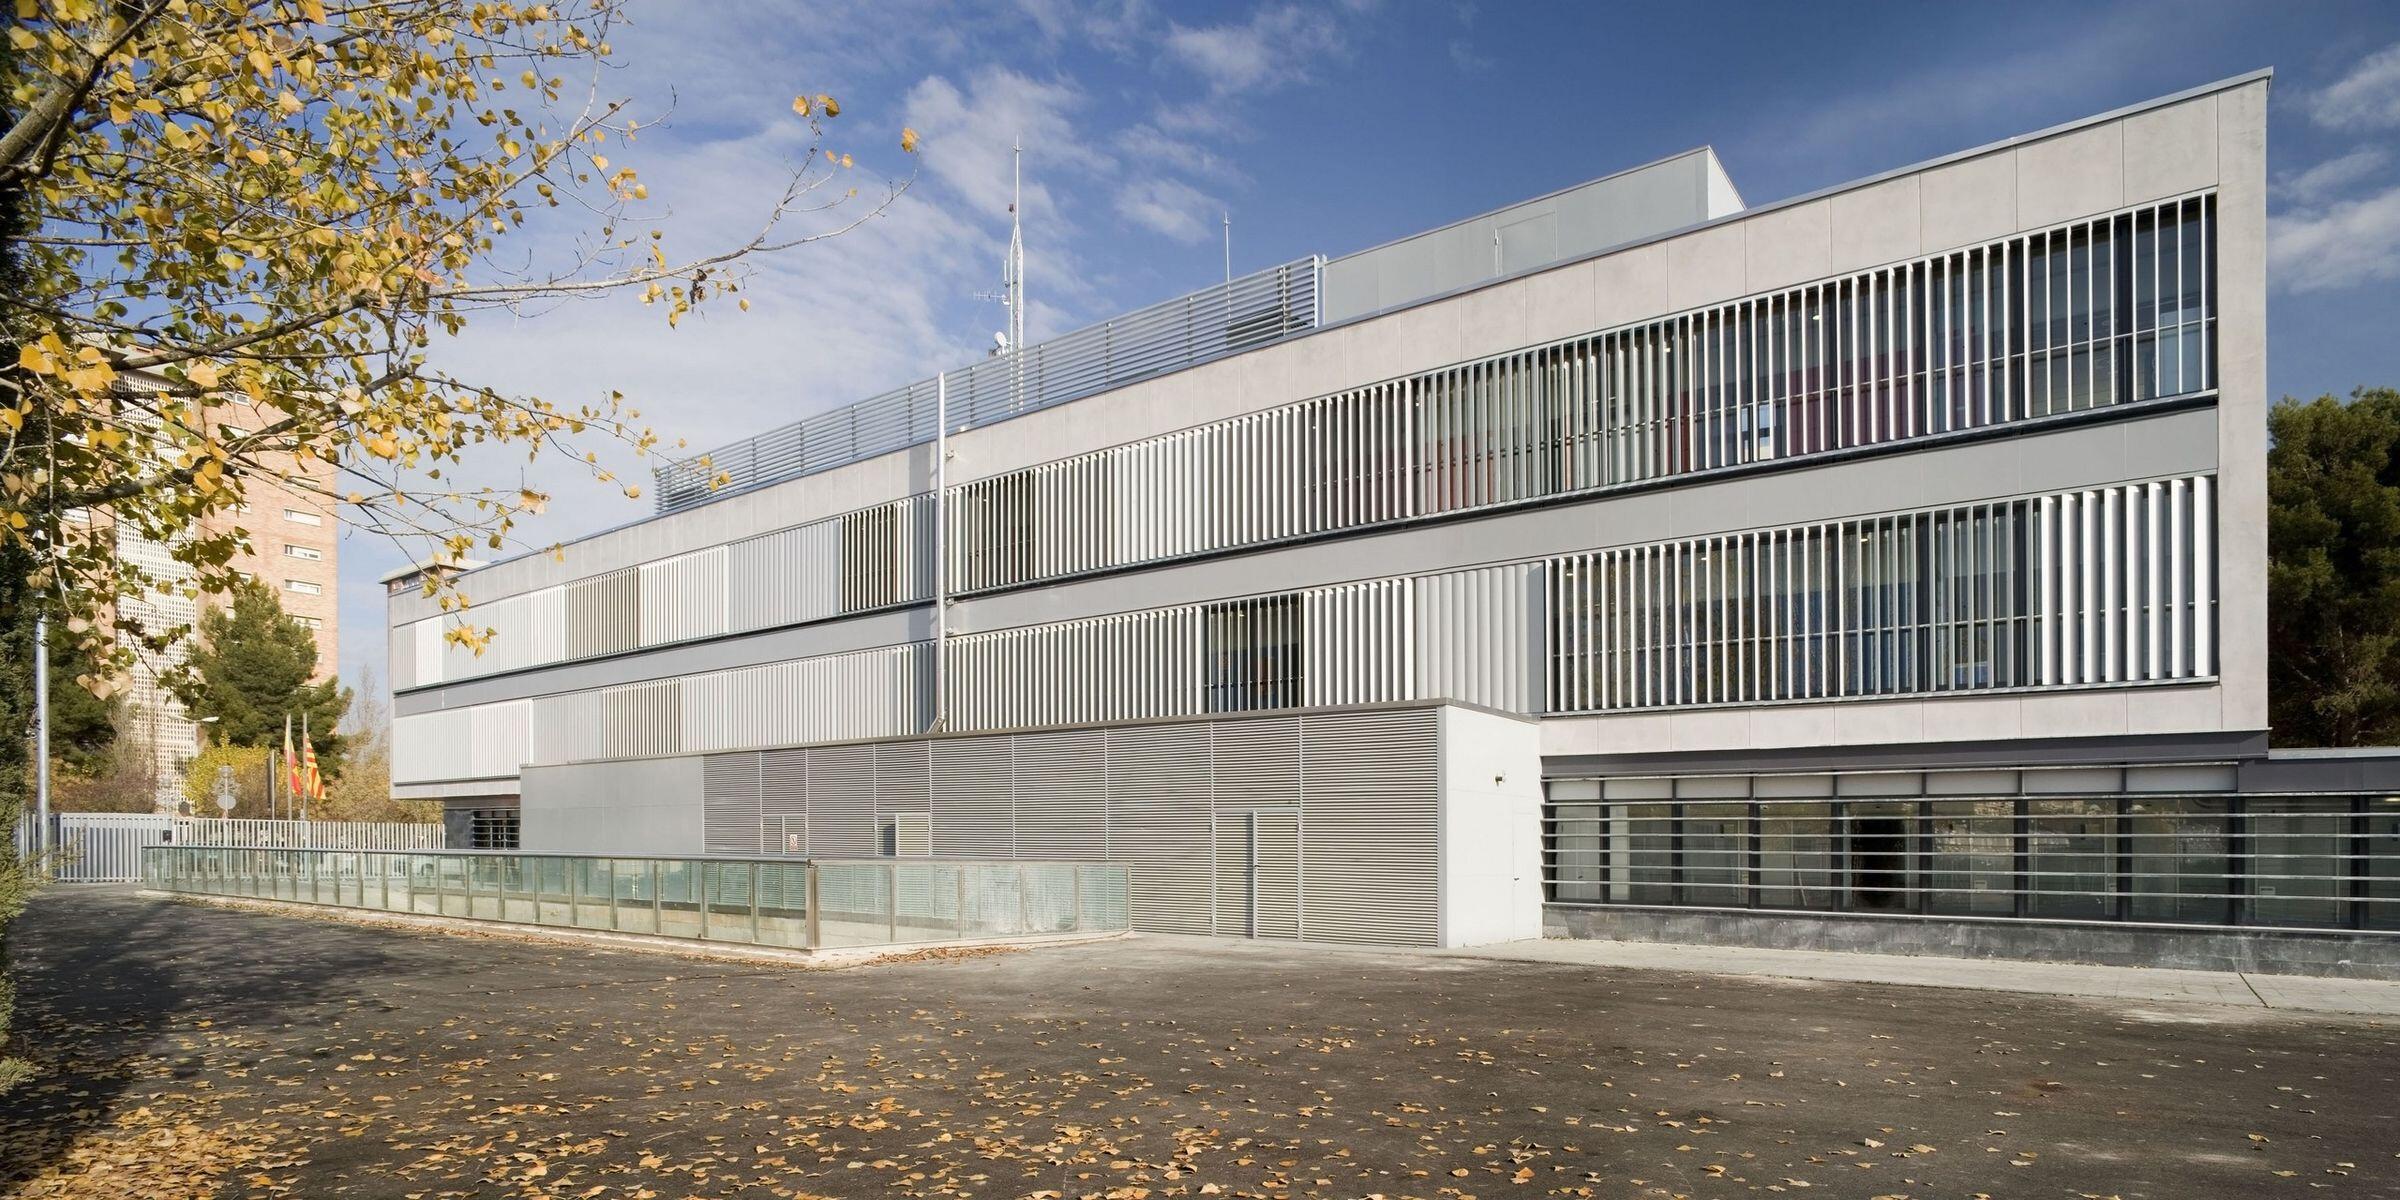 Mossos d'Esquadra Police Headquarters